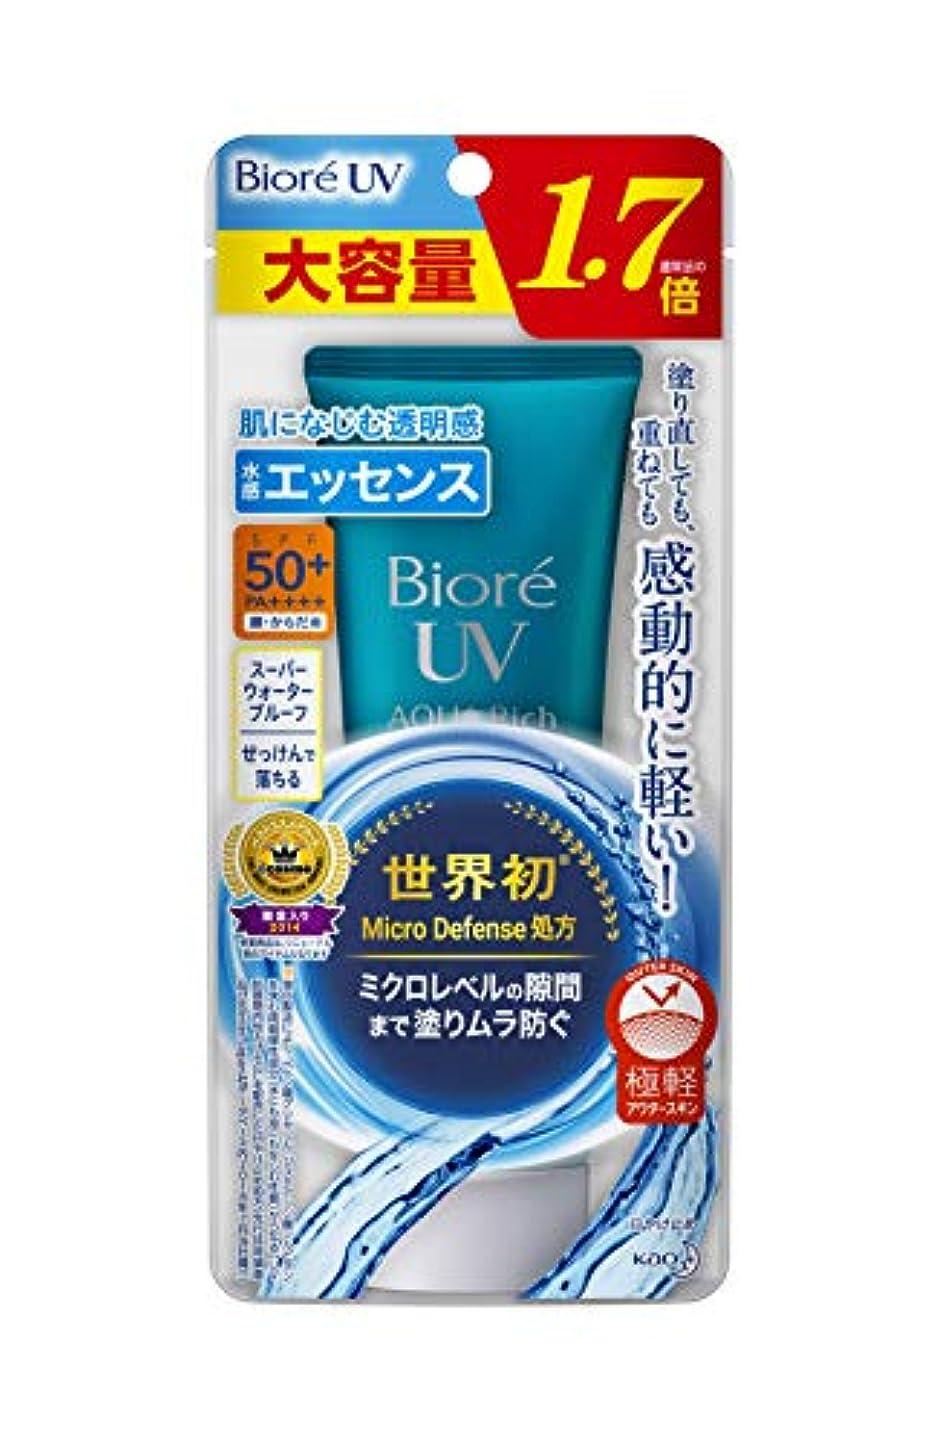 雄弁な残酷なフィドル【大容量】 ビオレUV アクアリッチ ウォータリエッセンス 85g (通常品の1.7倍) 日焼け止め SPF50+/PA++++